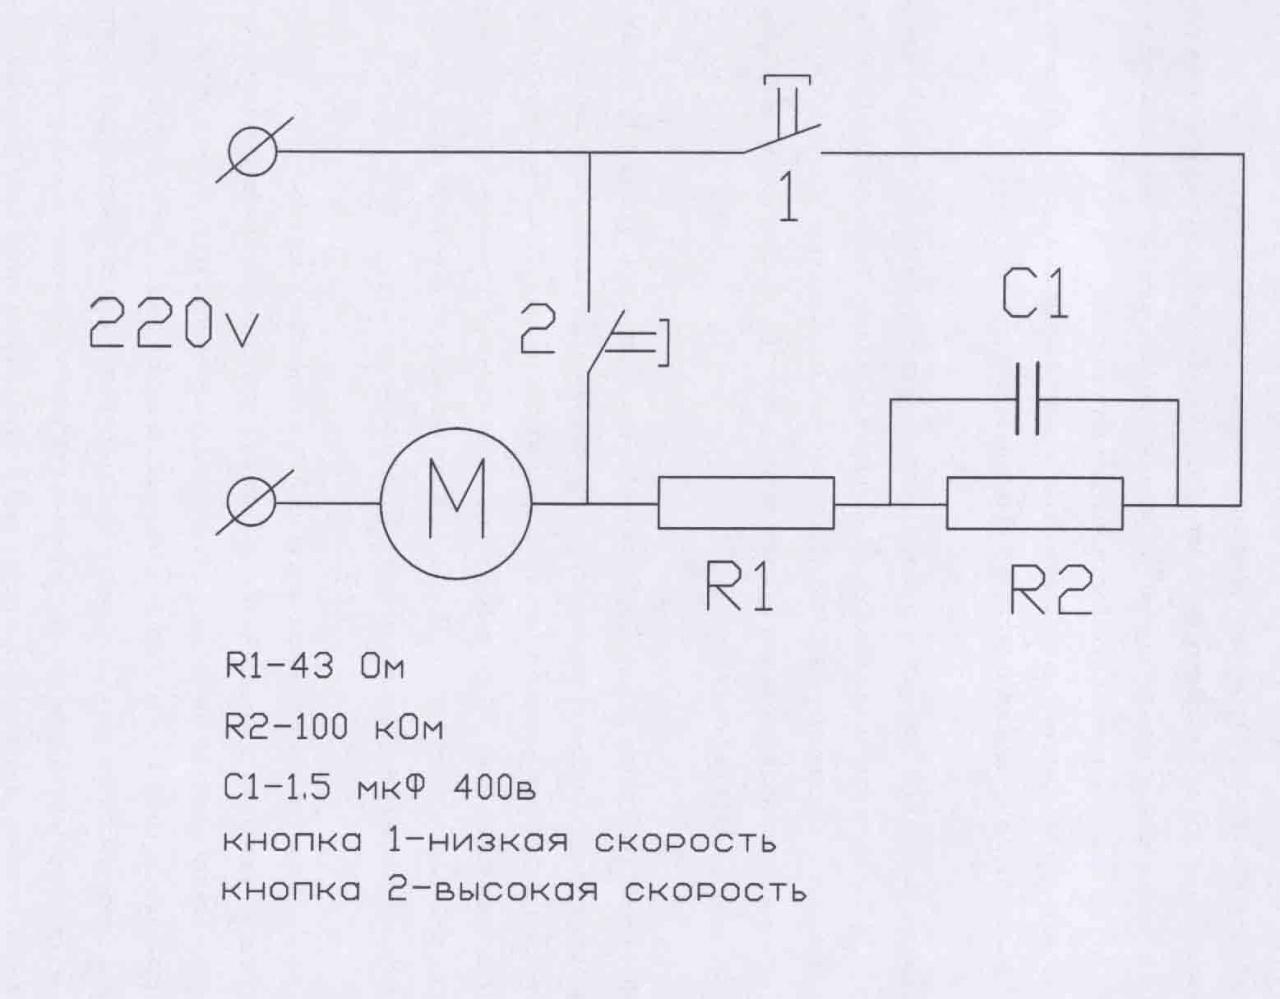 Схема бытового напольного вентилятора